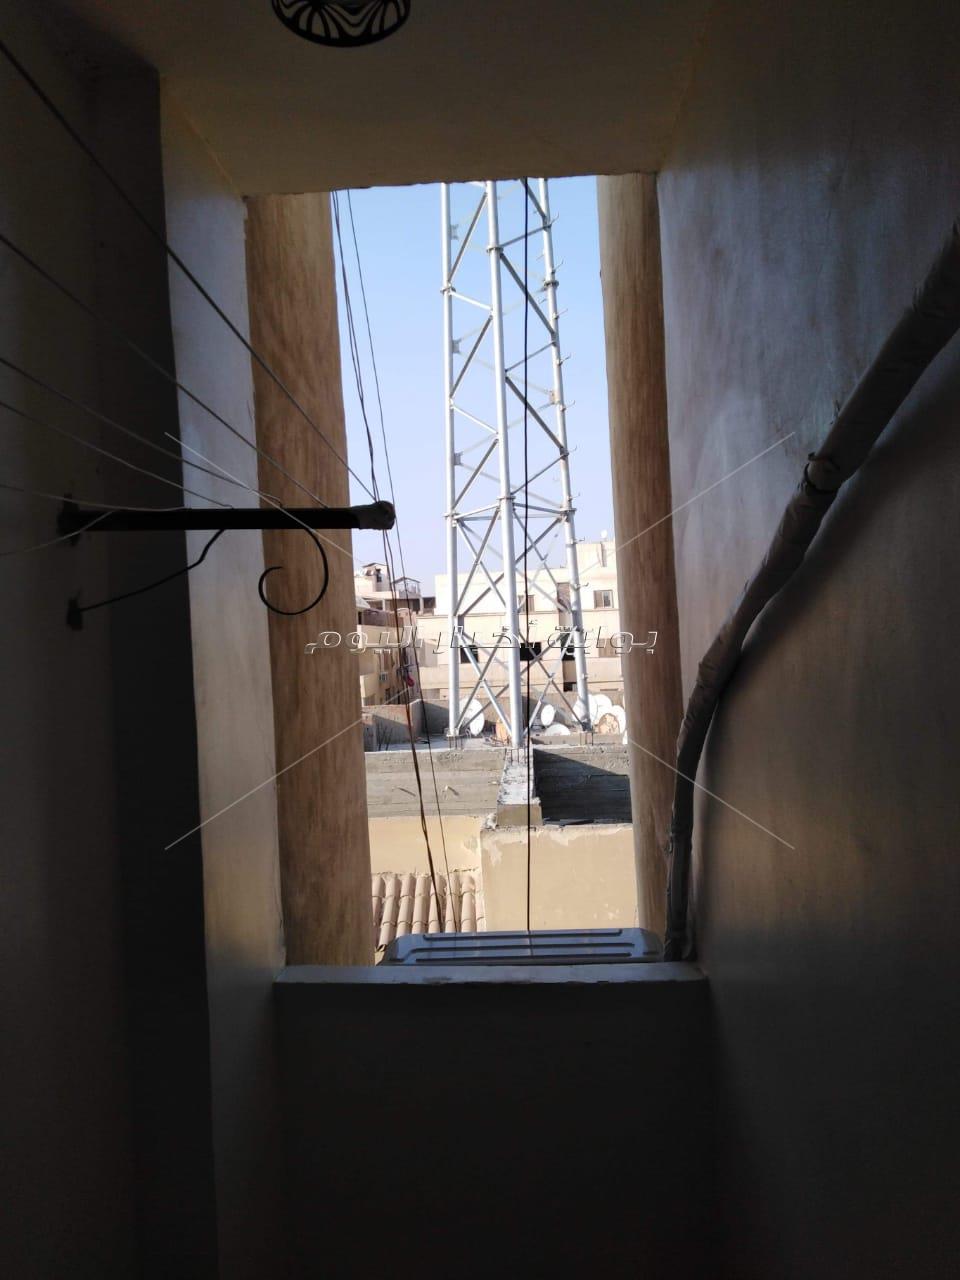 سكان حدائق الأهرام: انقذونا من سرطان برج المحمول